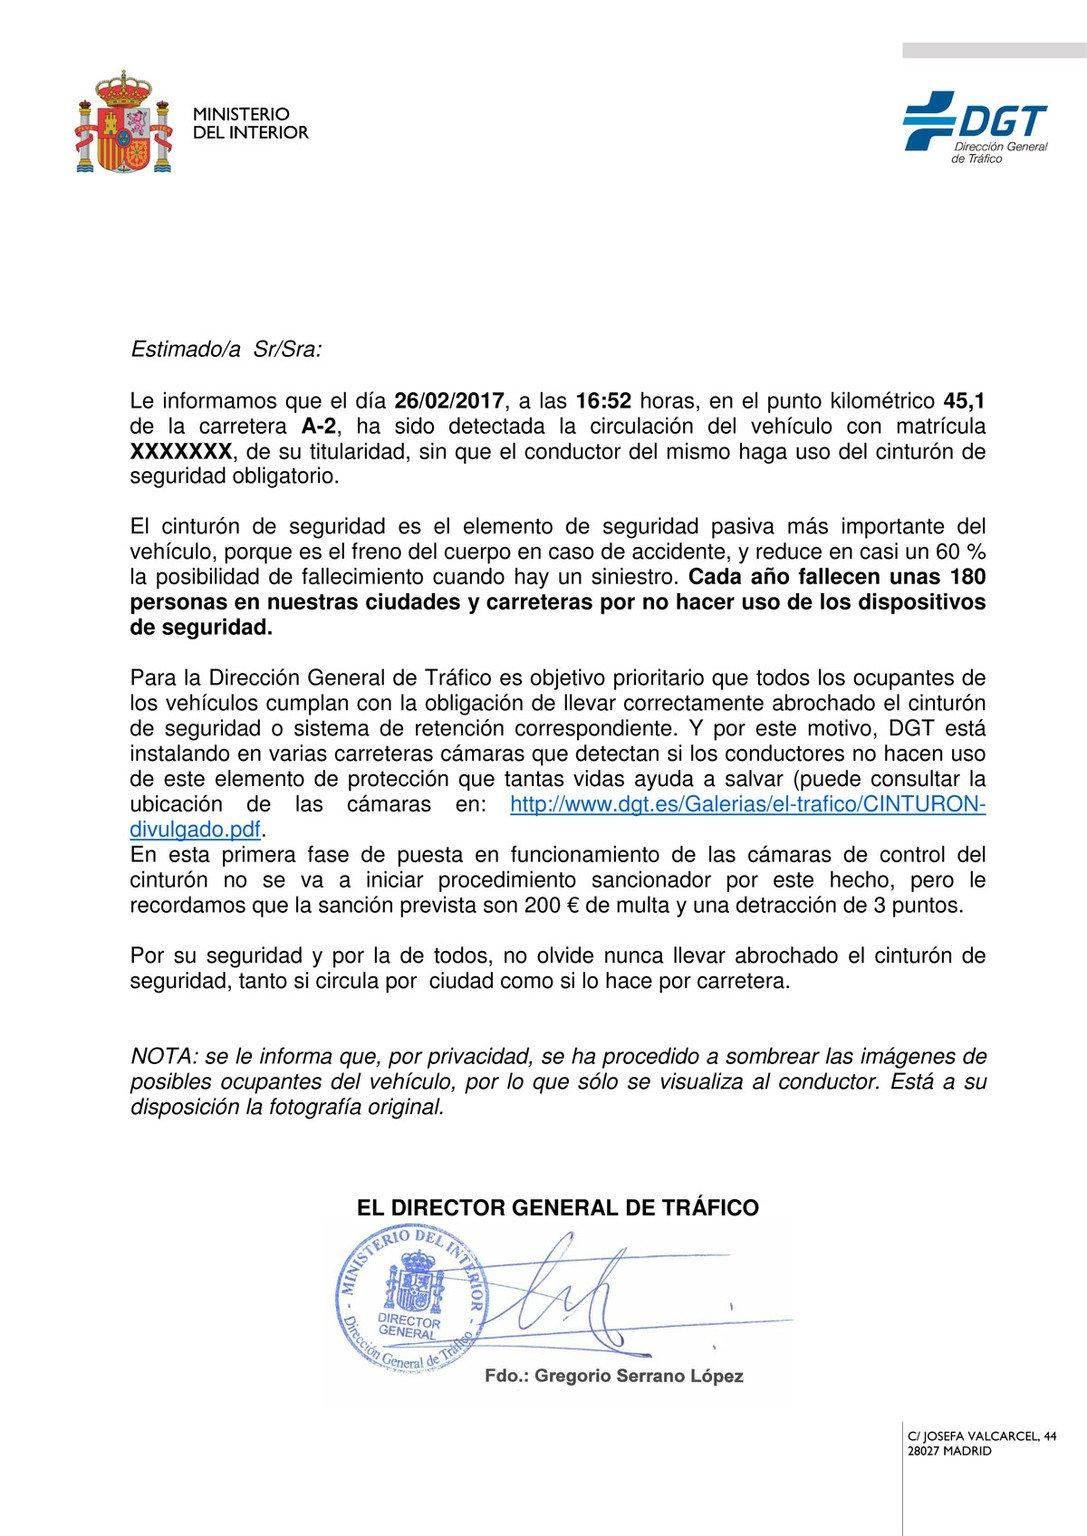 Carta informativa DGT